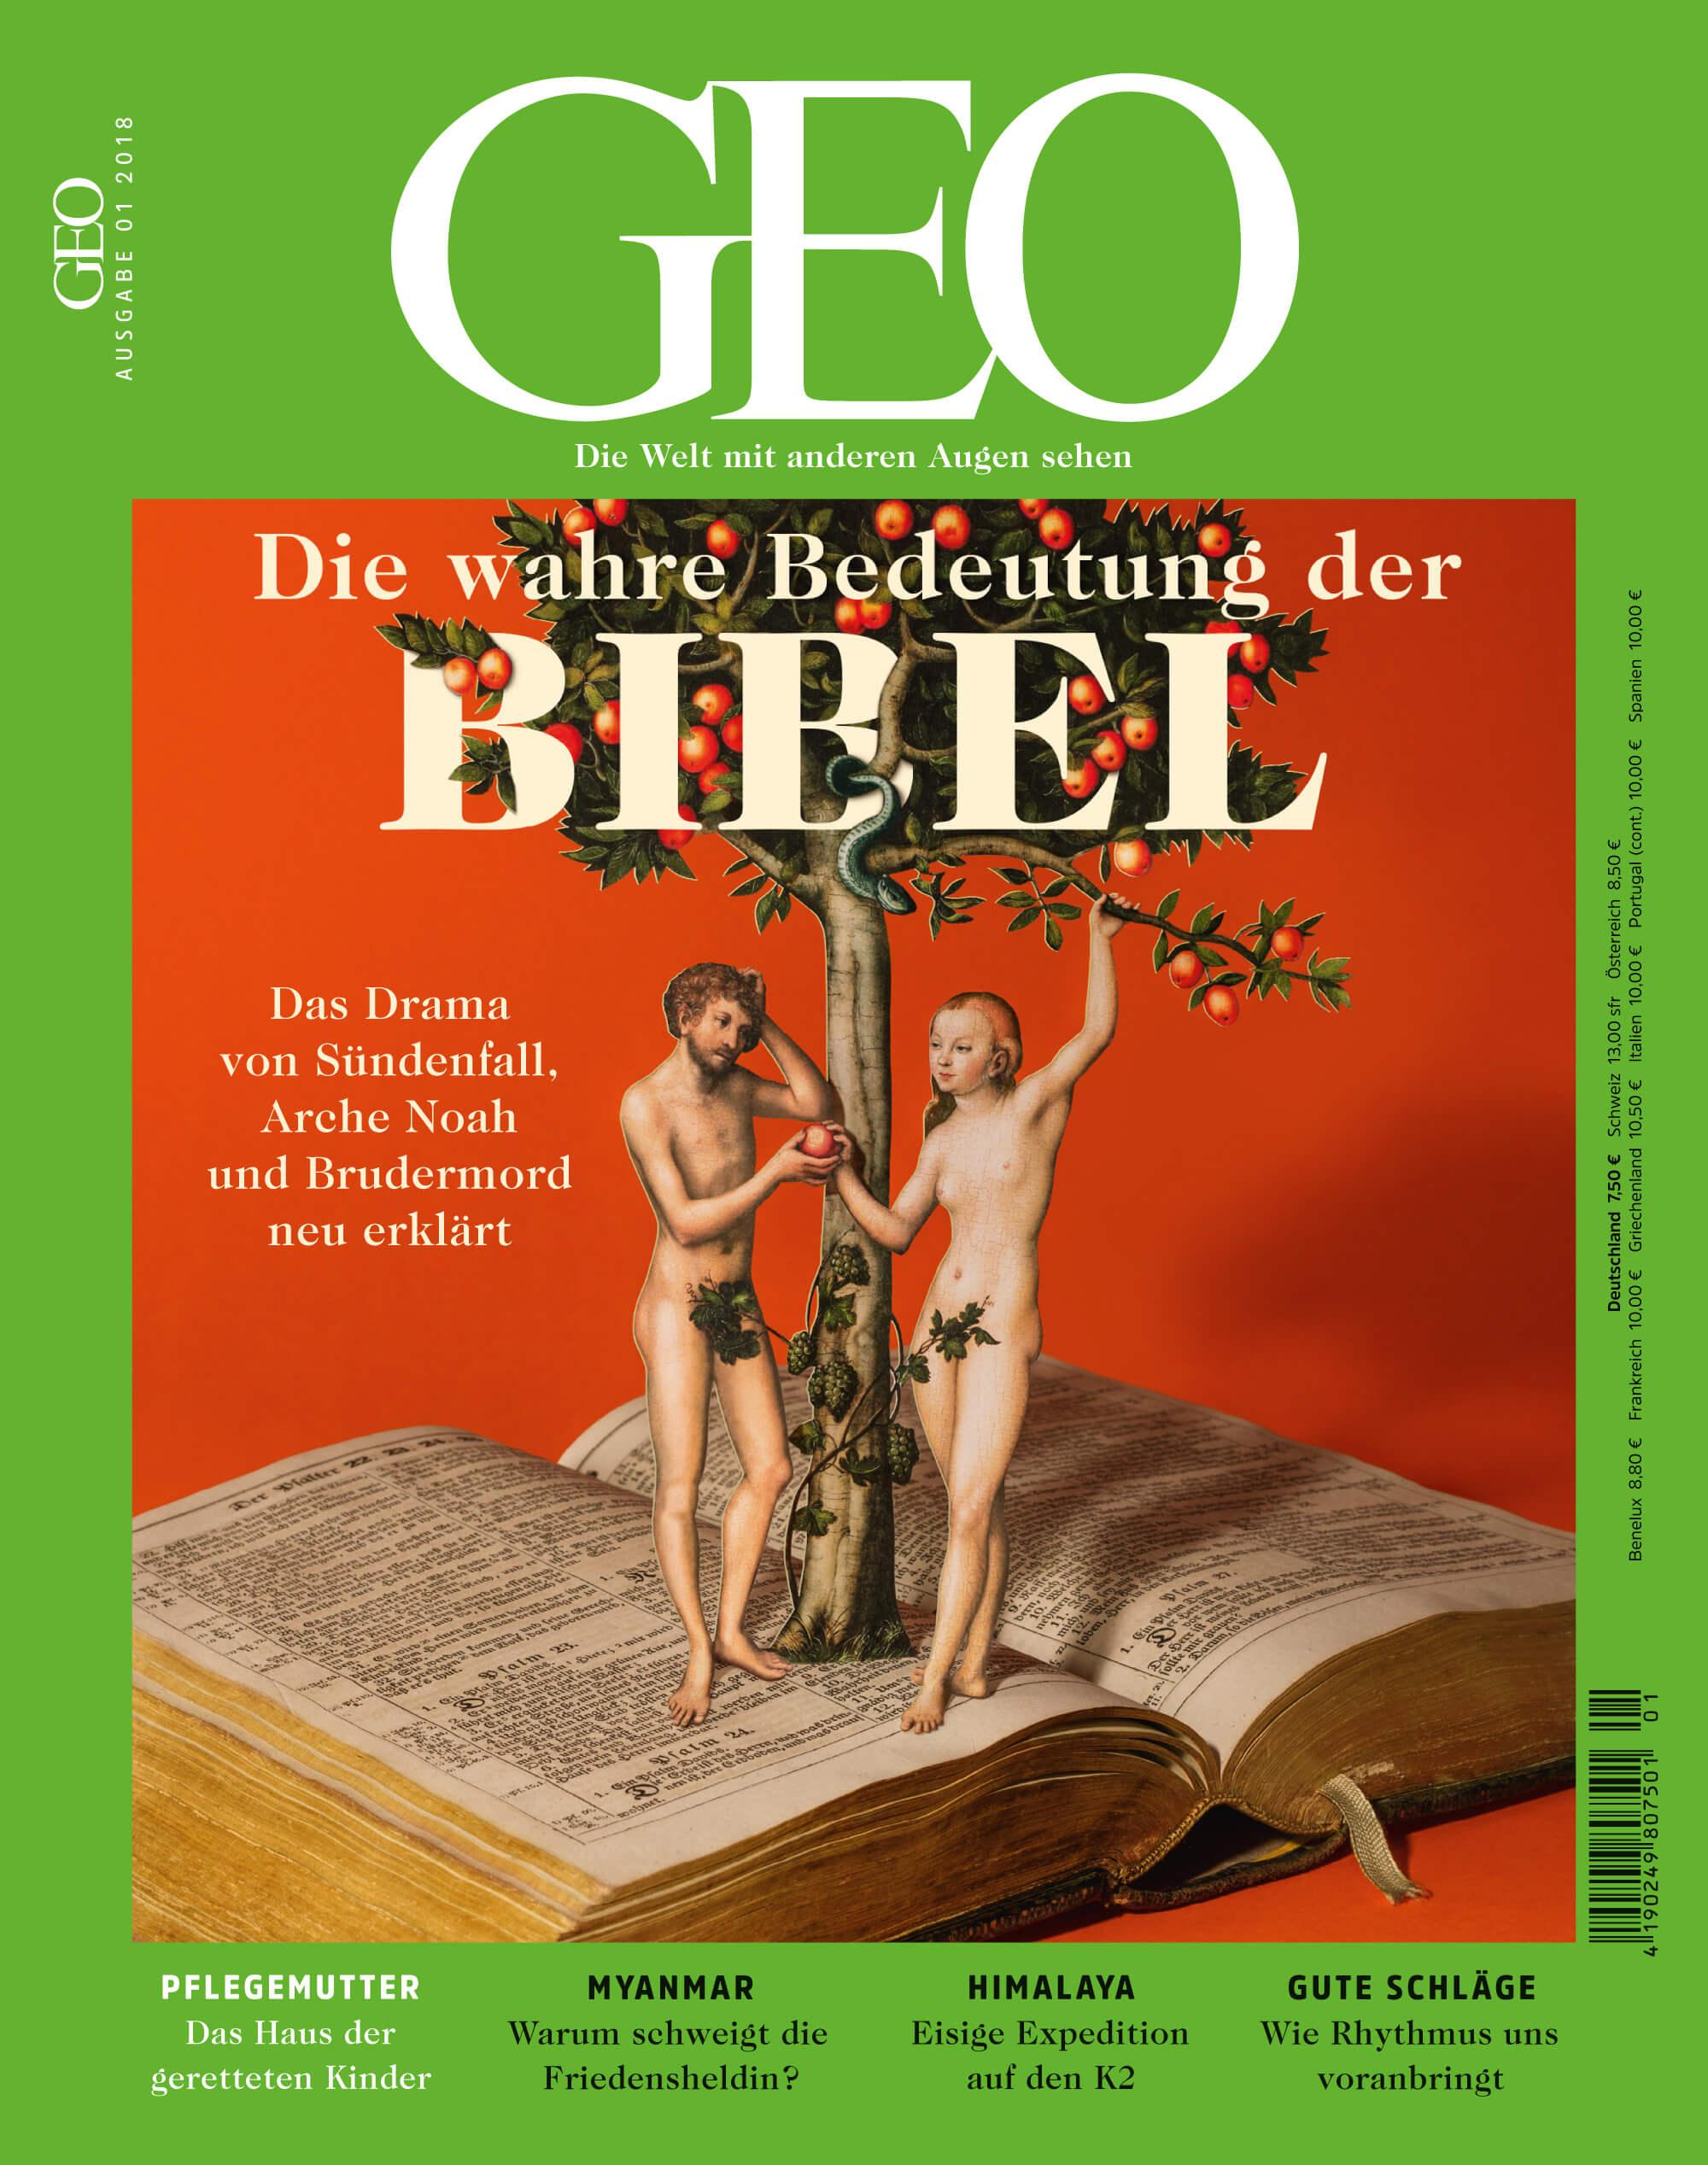 GEO_Bibel_paperart_katrinrodegastweb